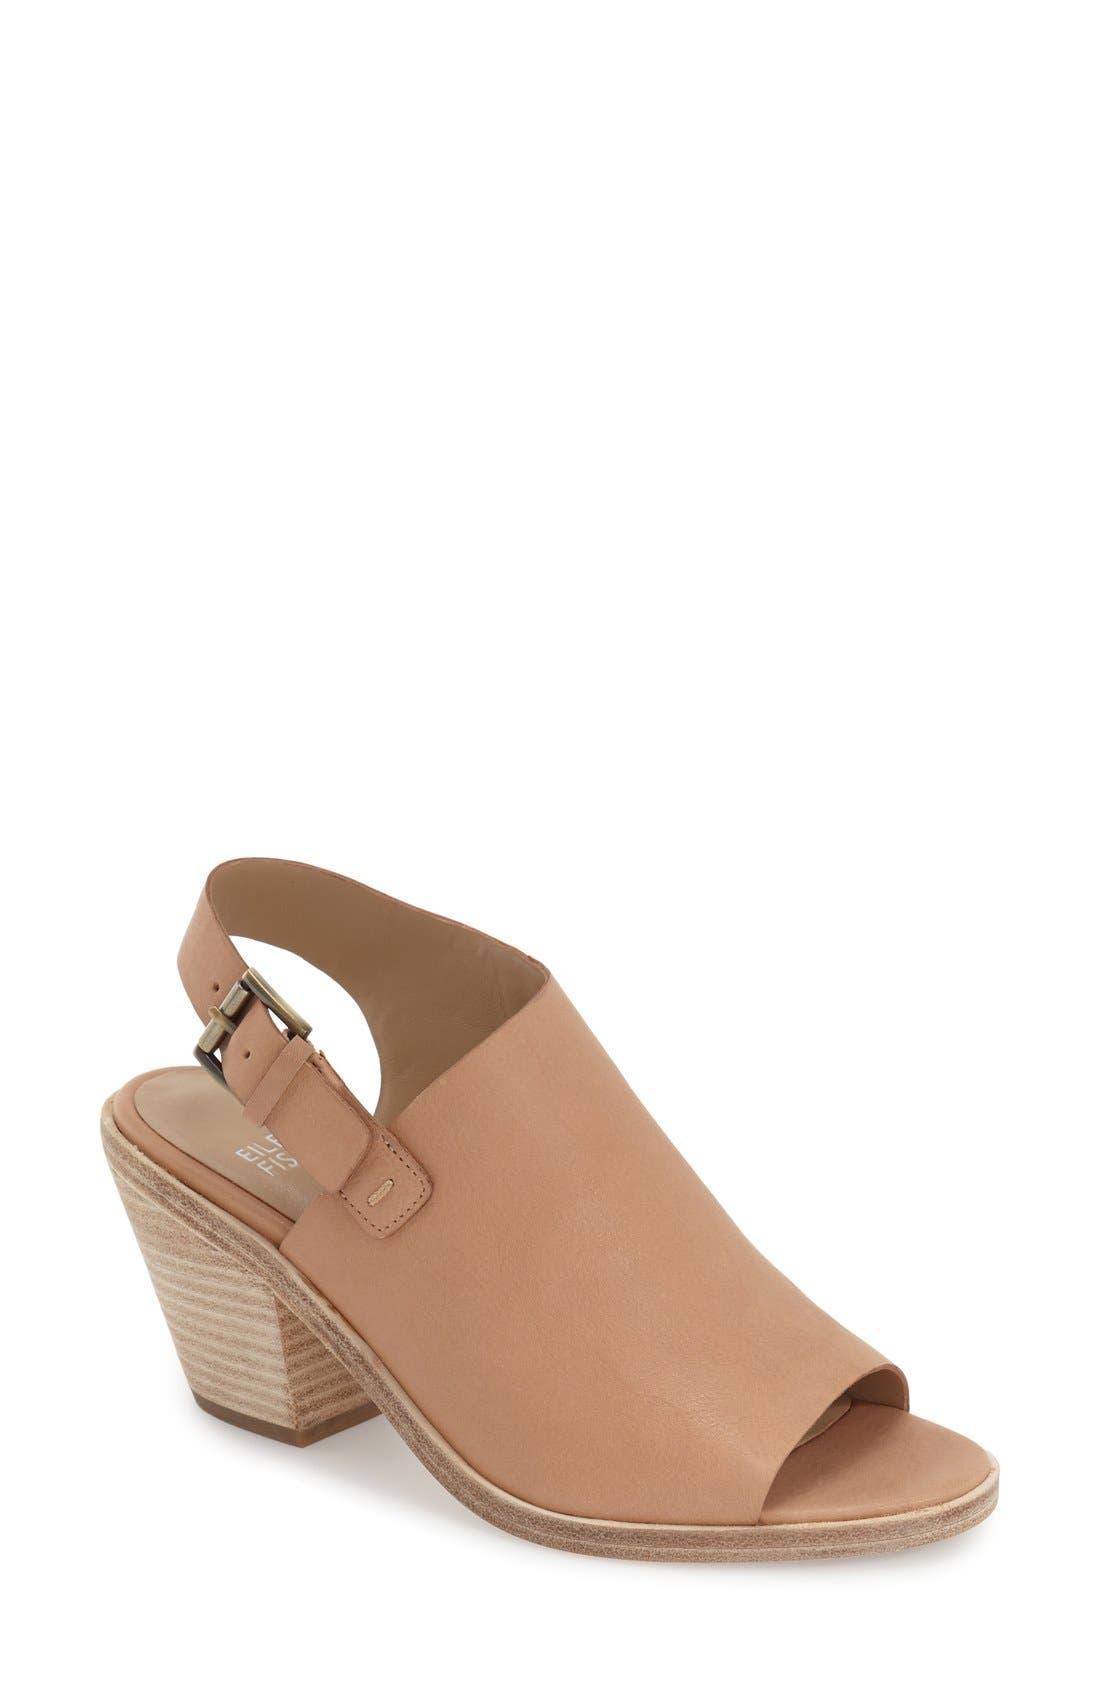 Alternate Image 1 Selected - Eileen Fisher 'Glance' Sandal (Women)